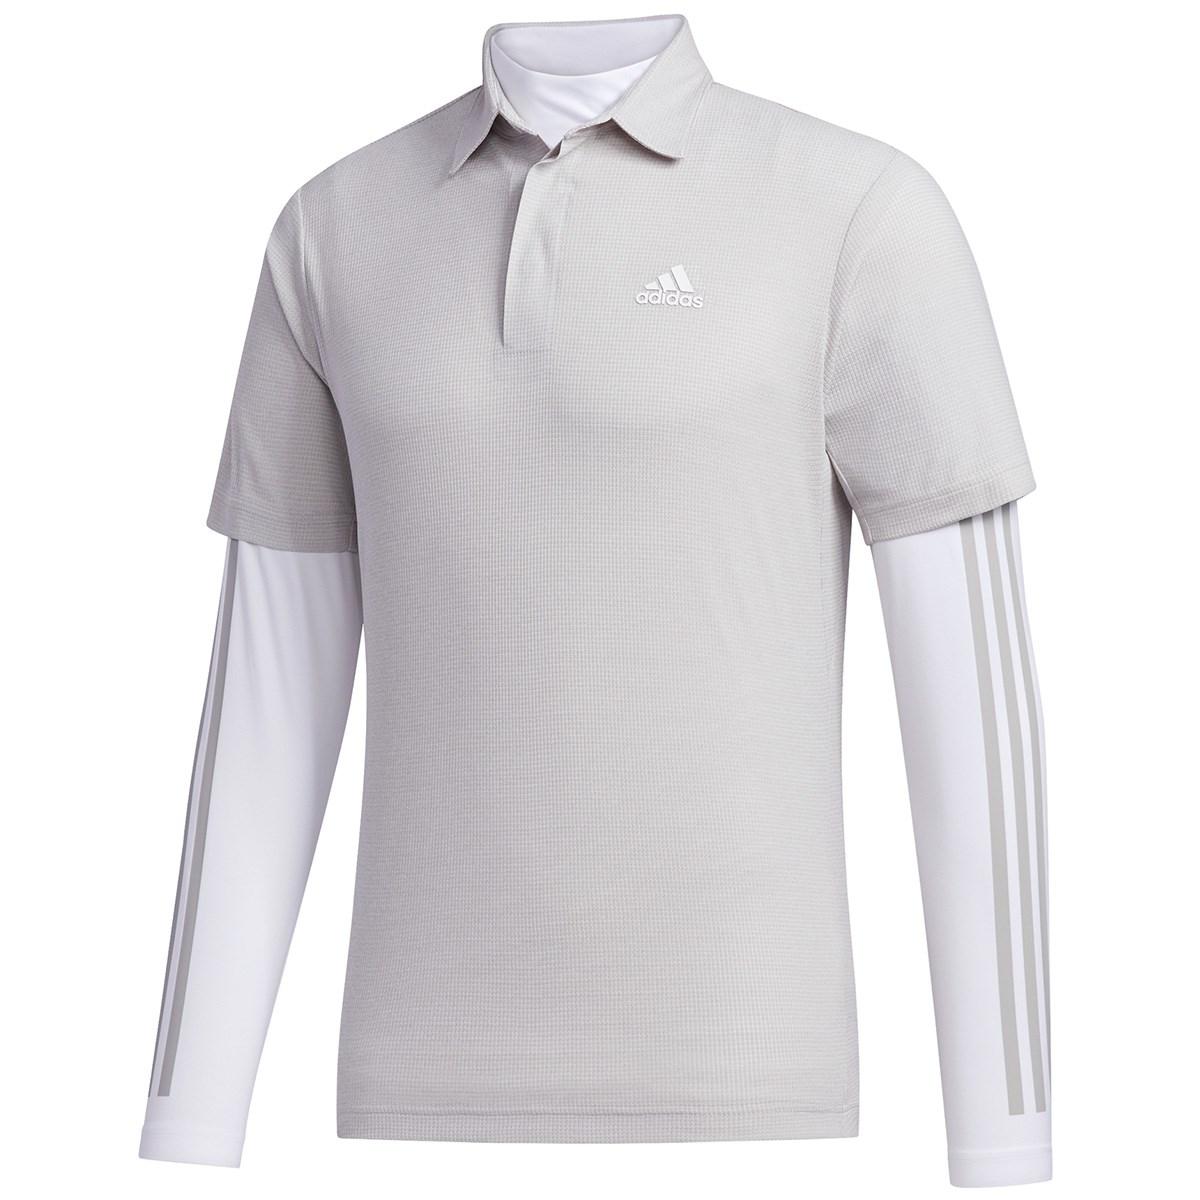 アディダス Adidas ワッフルメランジ レイヤード 半袖ポロシャツ S グレートゥー